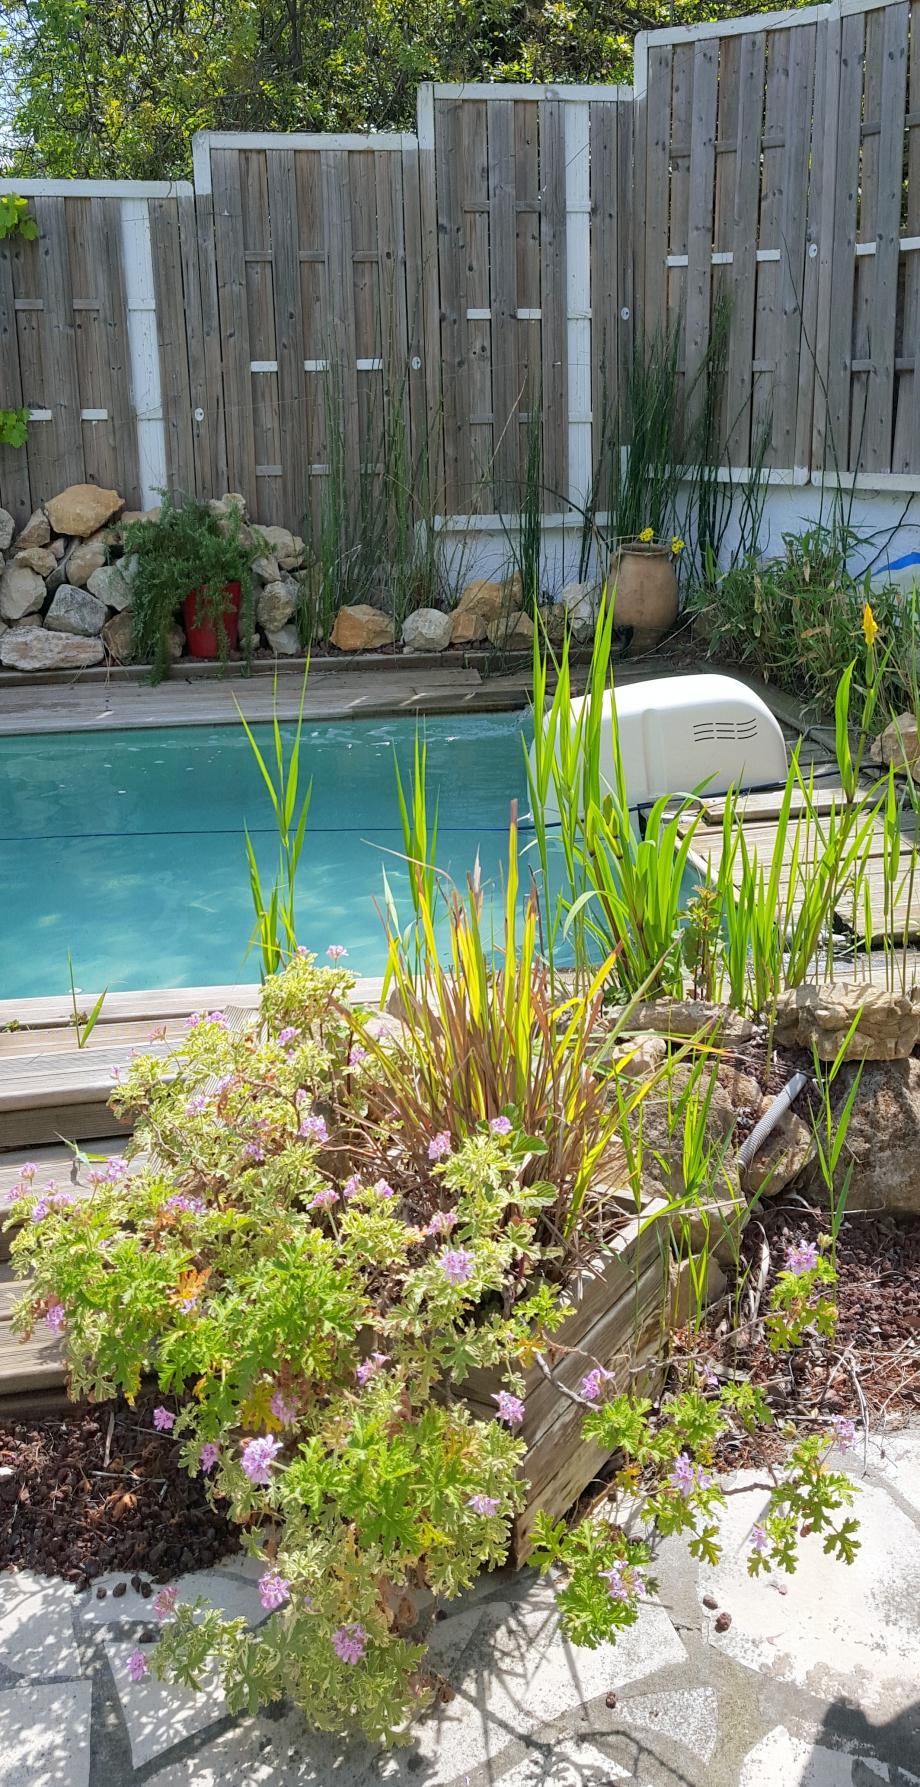 Potée de géranium citron proche piscine 30 avril 16.jpg